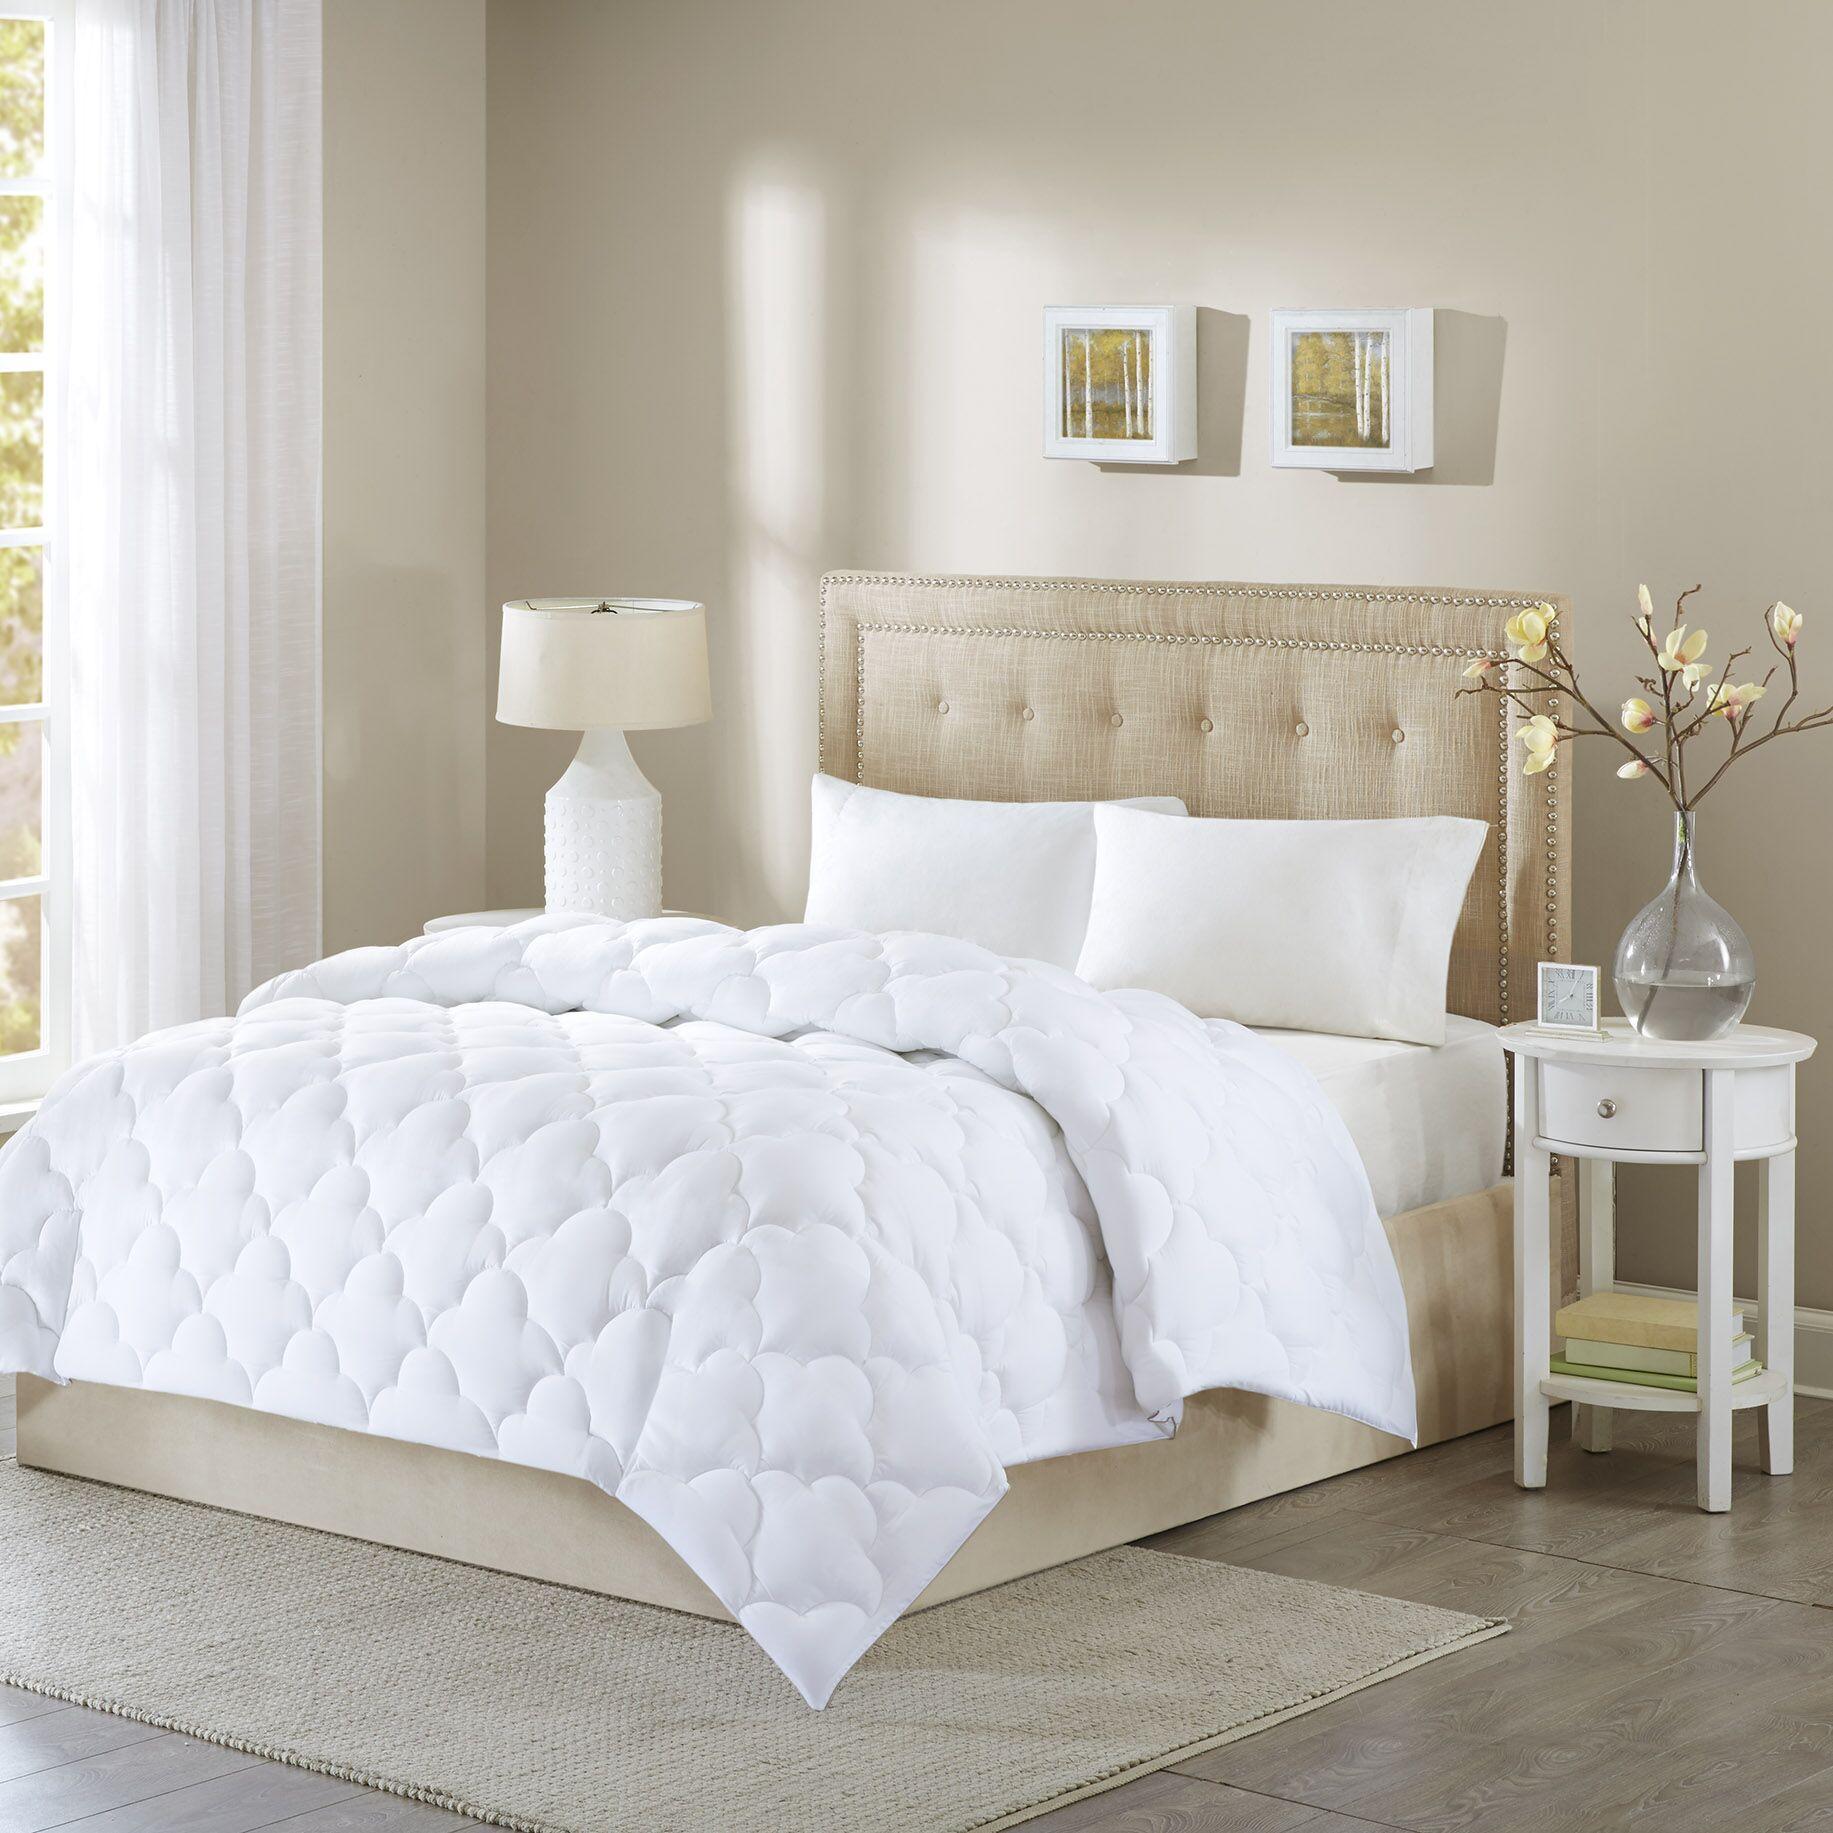 Down Alternative Comforter Size: Full/Queen